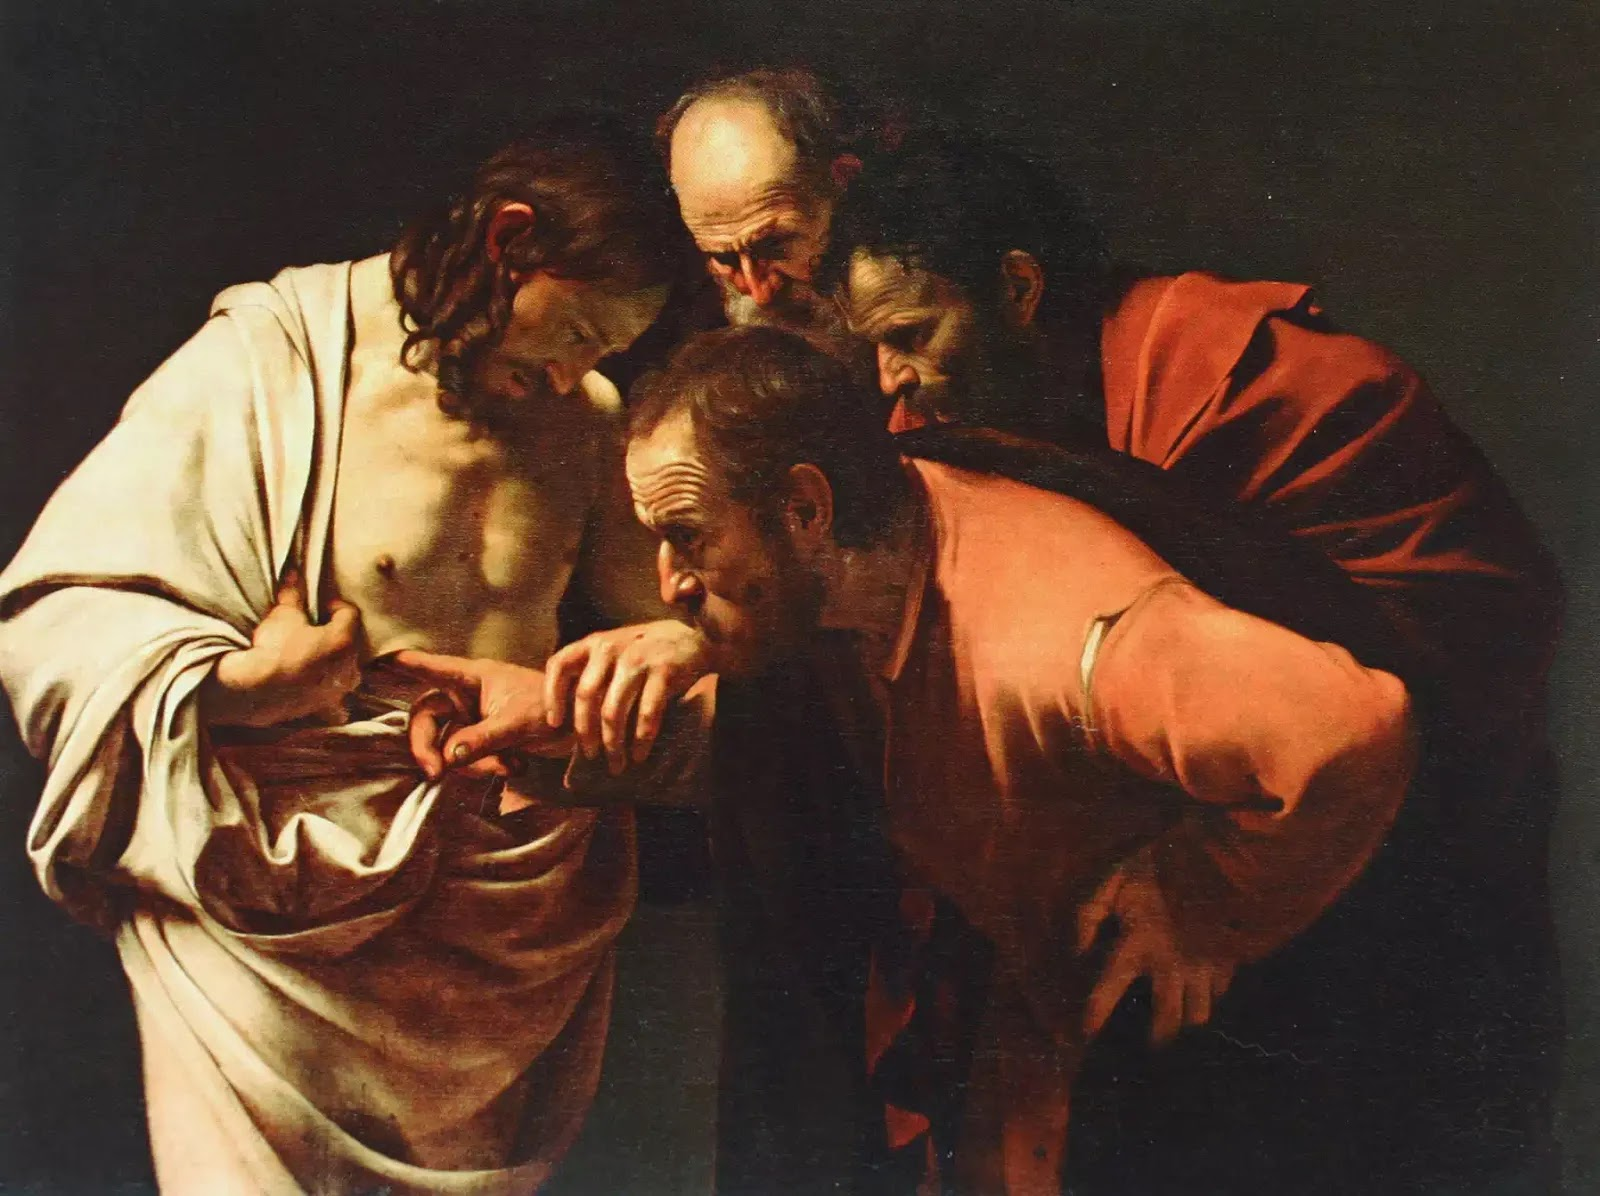 """Về """"sự nghi ngờ của thánh Tôma"""" của Caravaggio"""